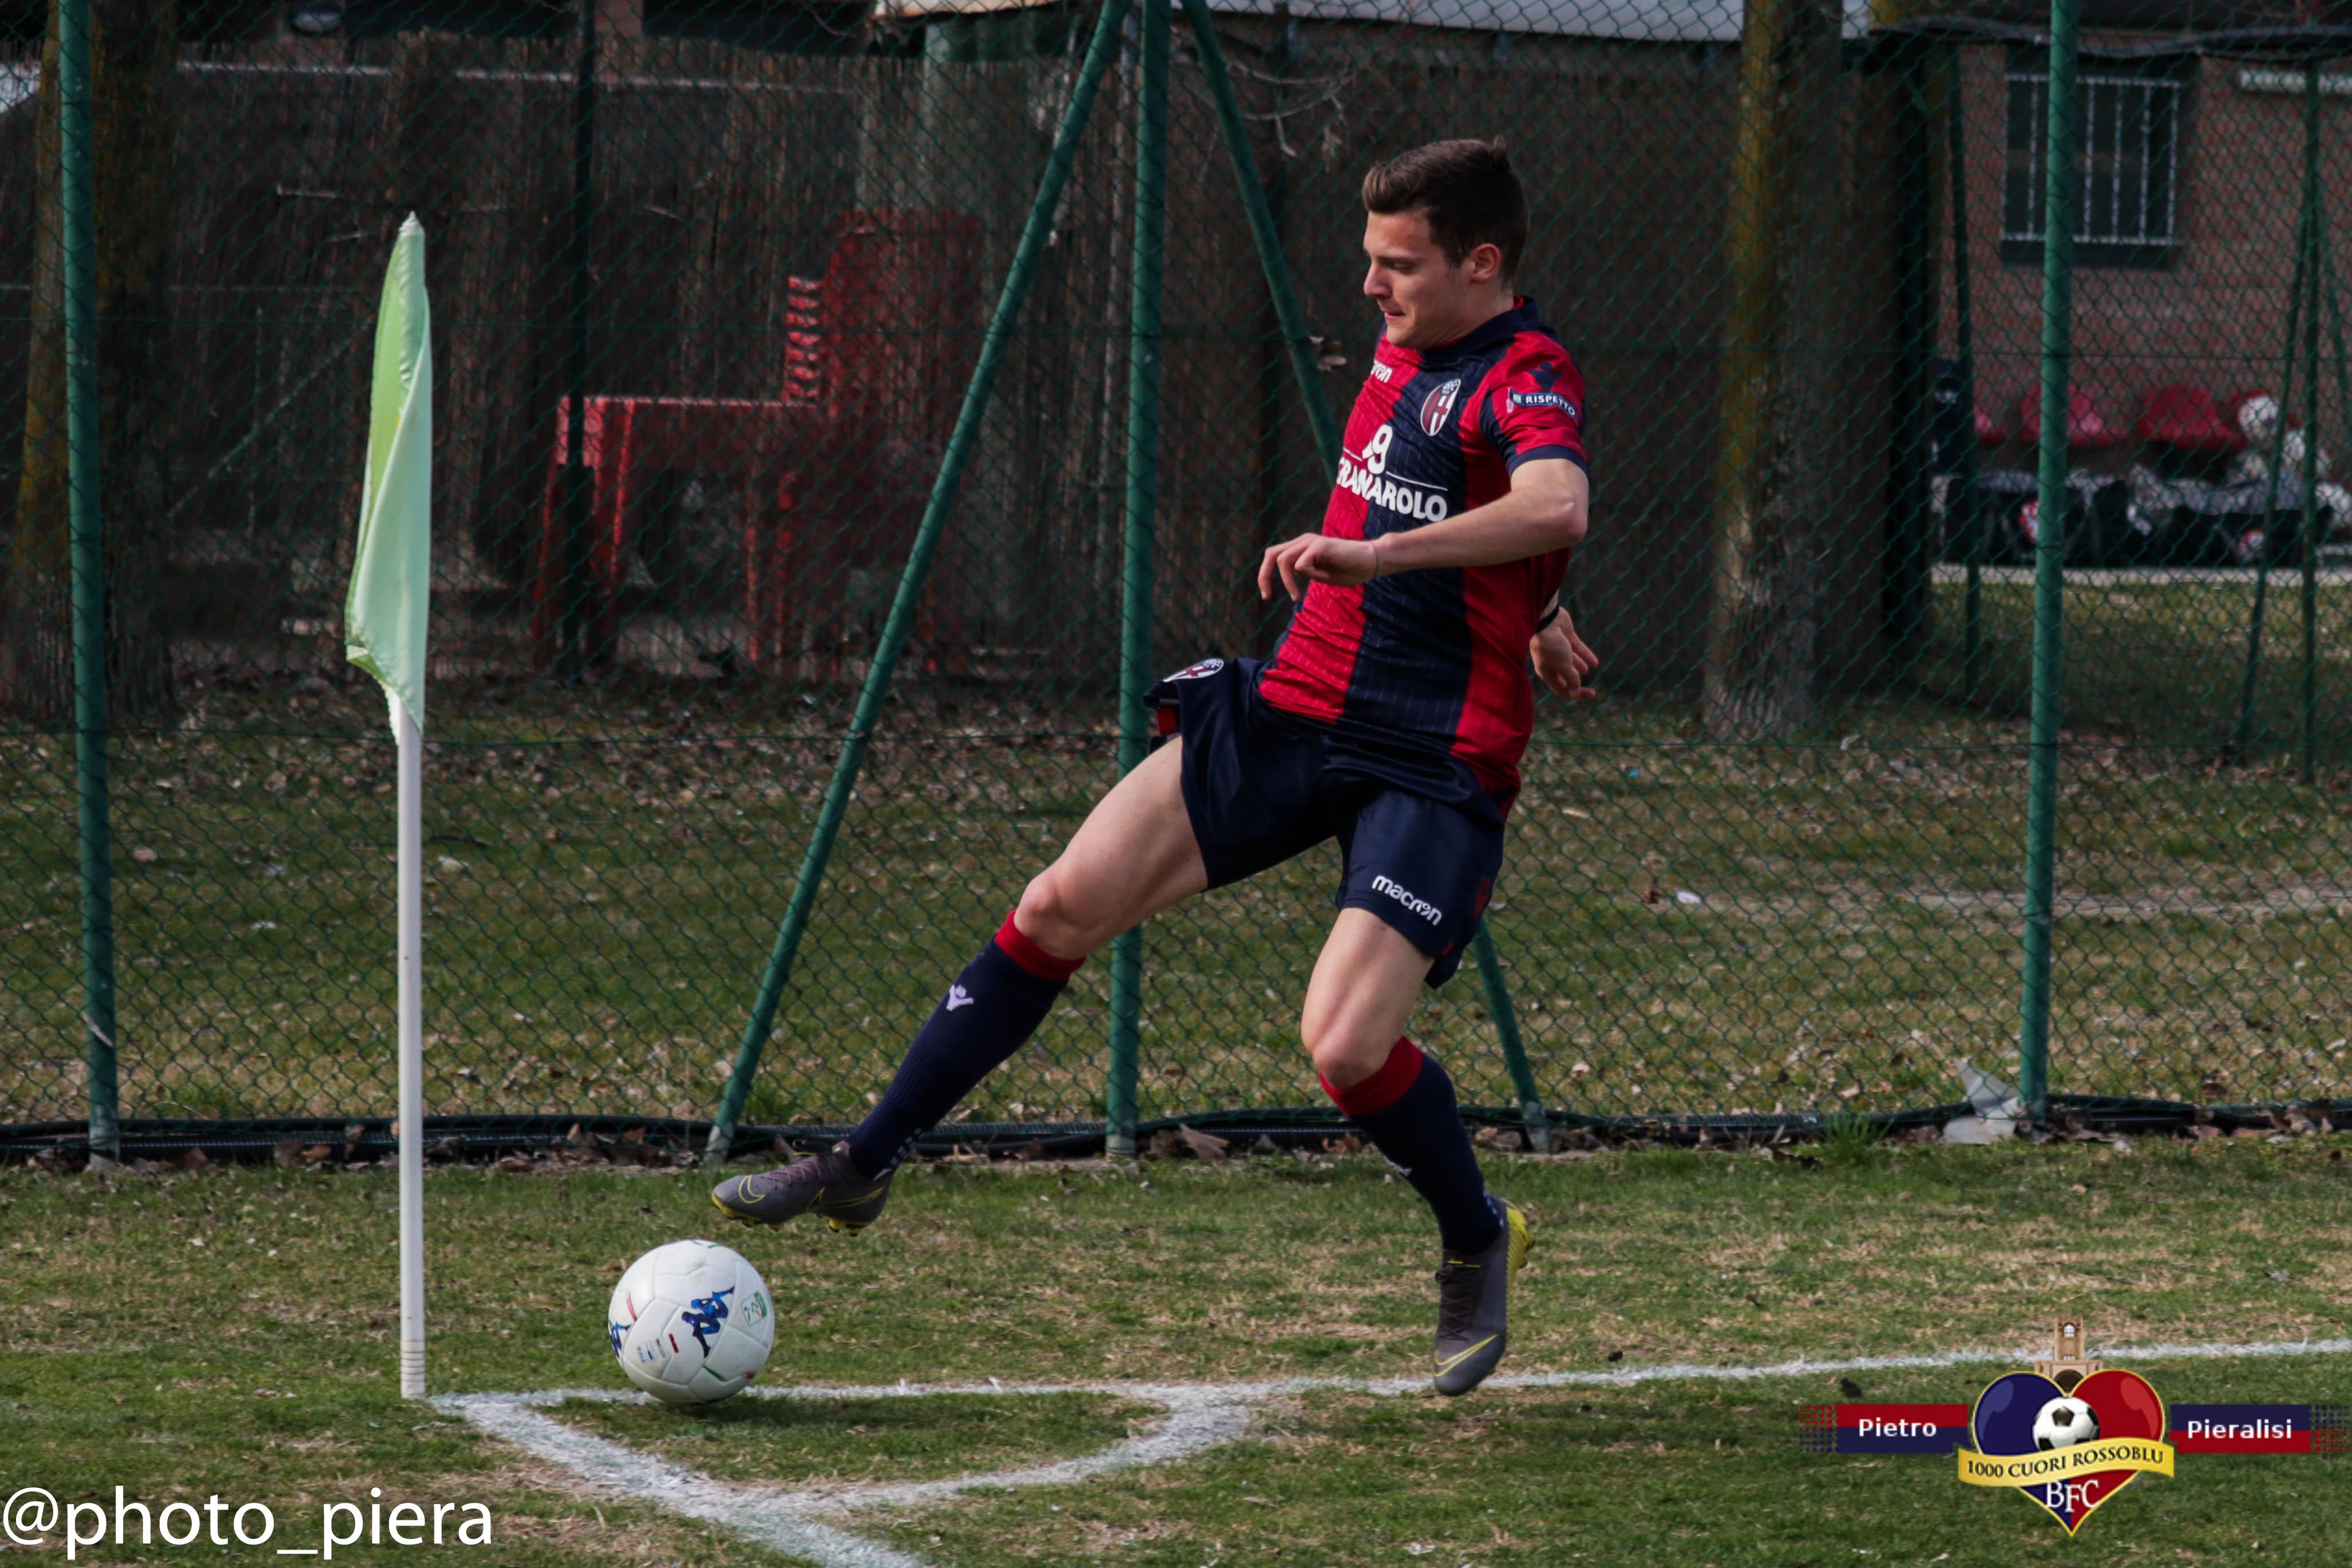 Viareggio Cup, Bologna-Dukla Praga 2-0: Stanzani e Cossalter mandano i rossoblù ai quarti di finale